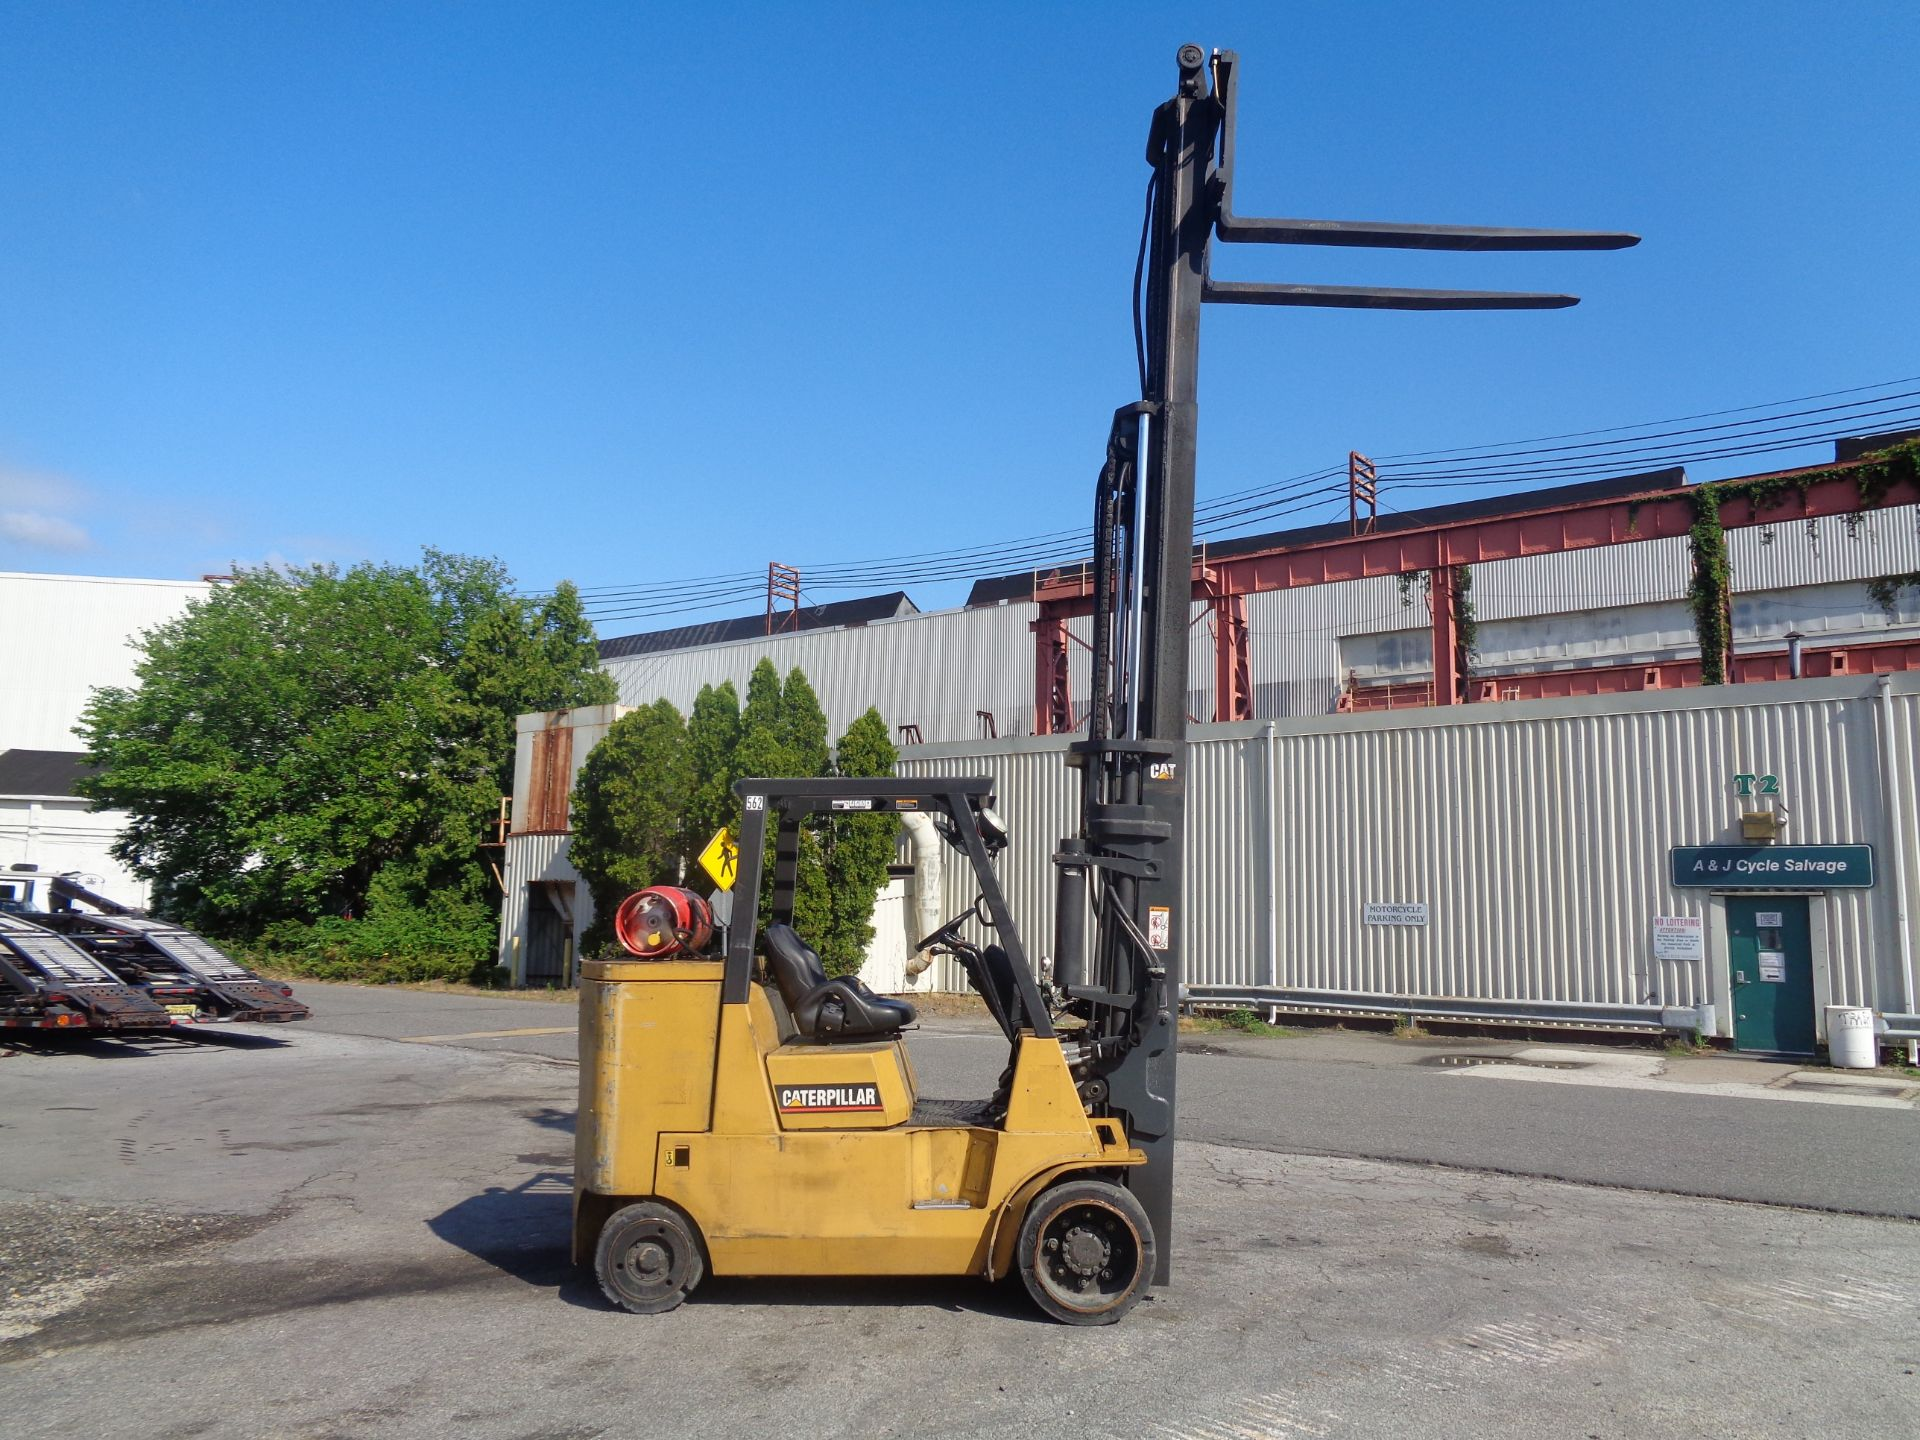 Caterpillar GC55KSTR 11,000lb Forklift - Image 9 of 14